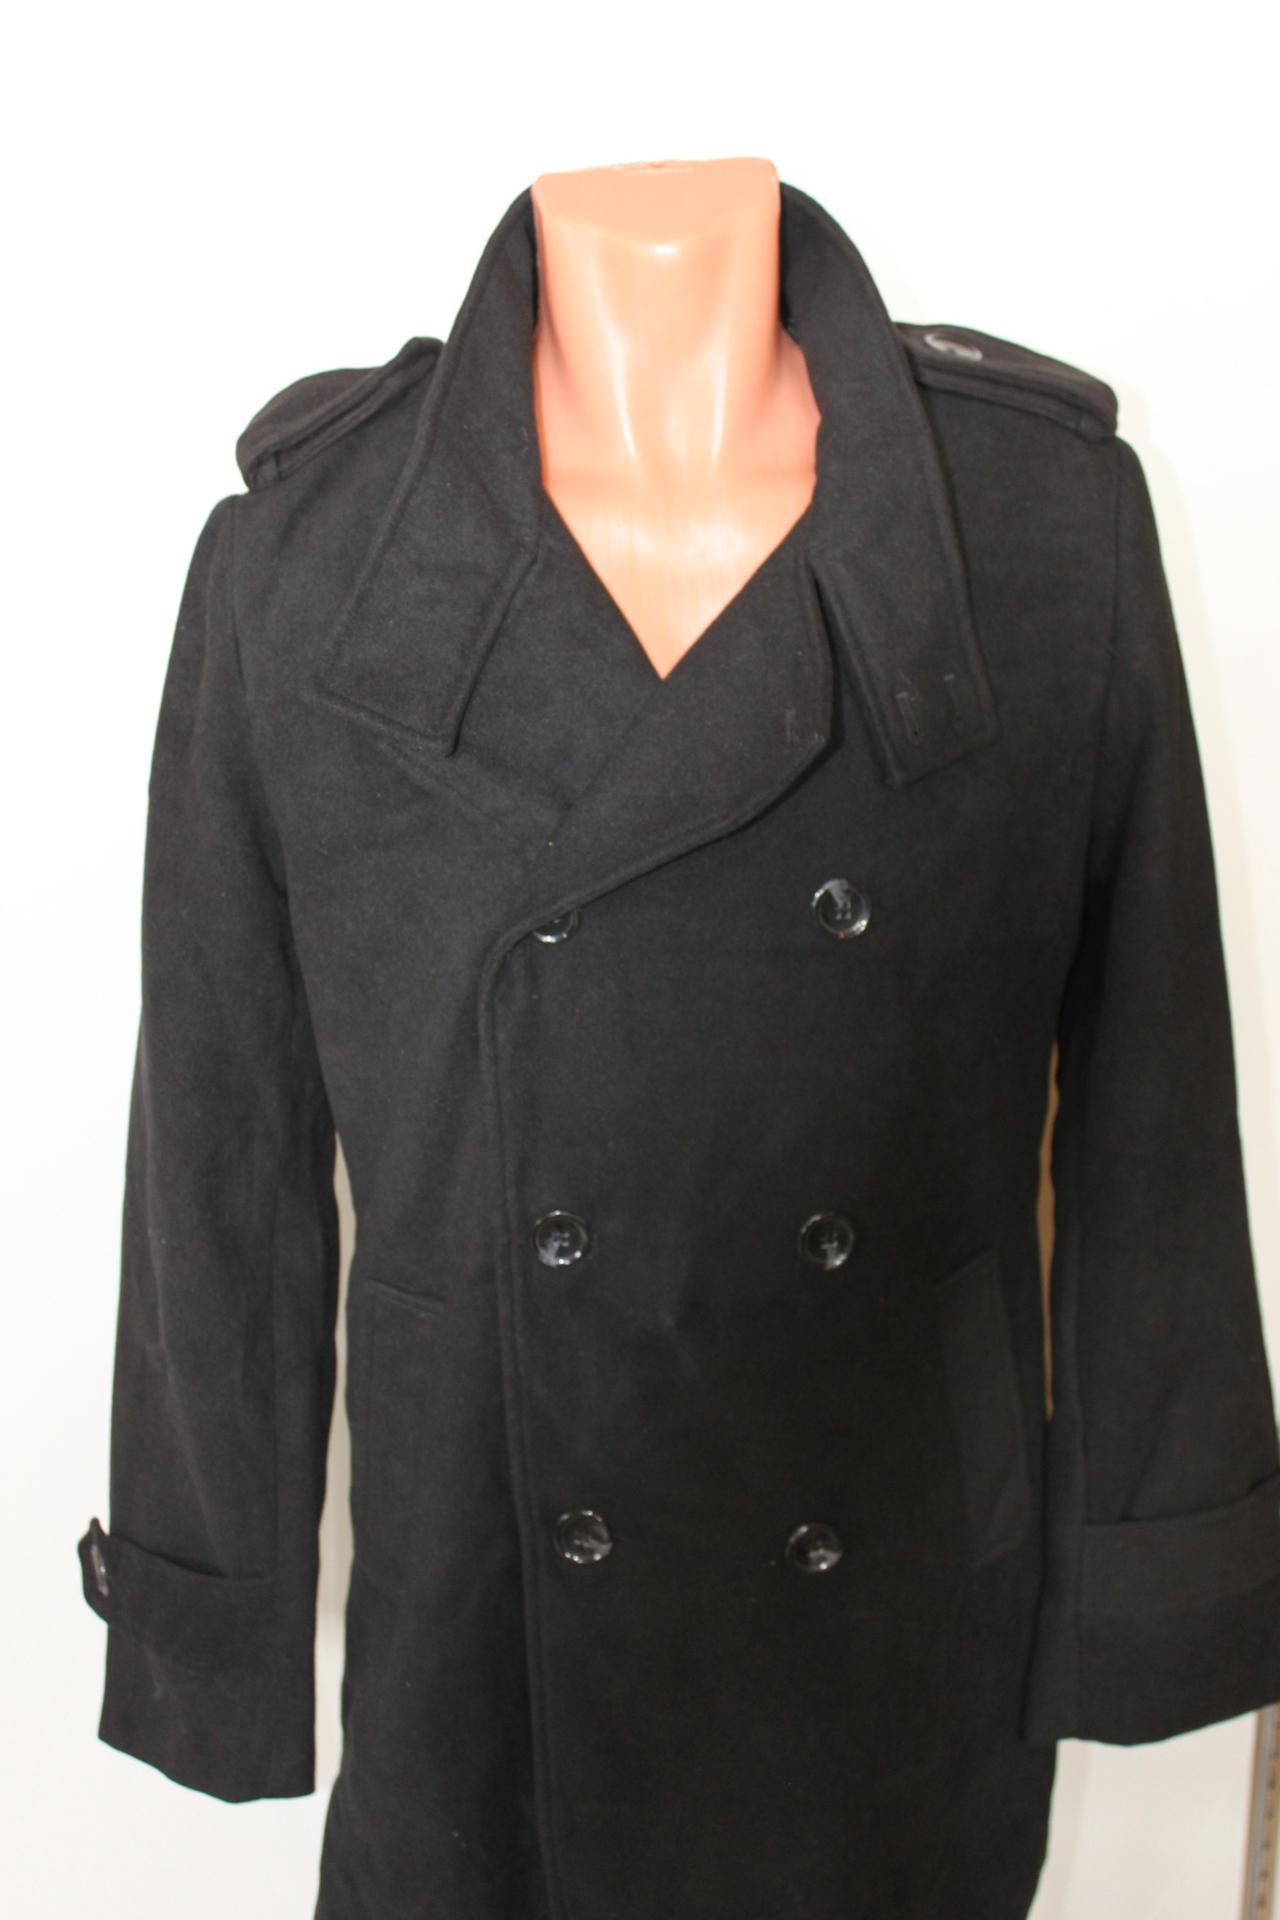 Linesildox — Разпродажа мужское пальто a4cb65b831633